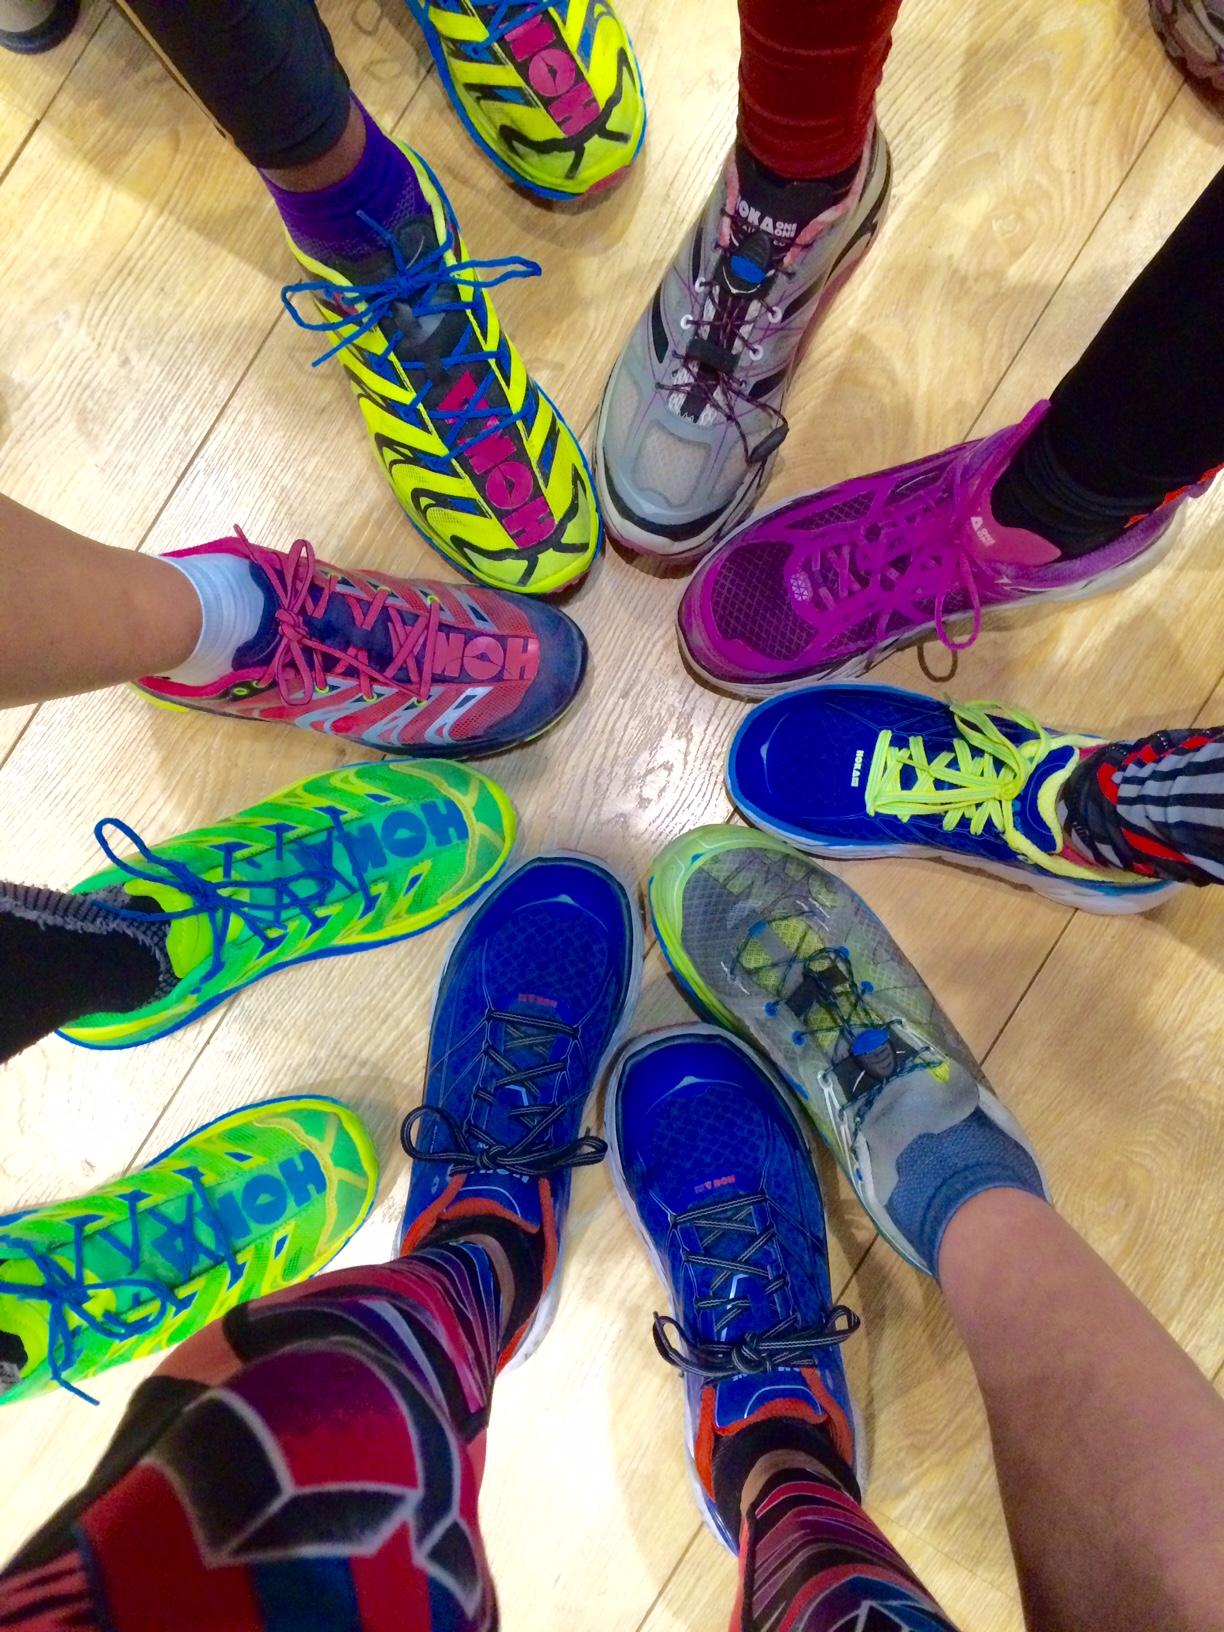 chaussures hoka.jpg